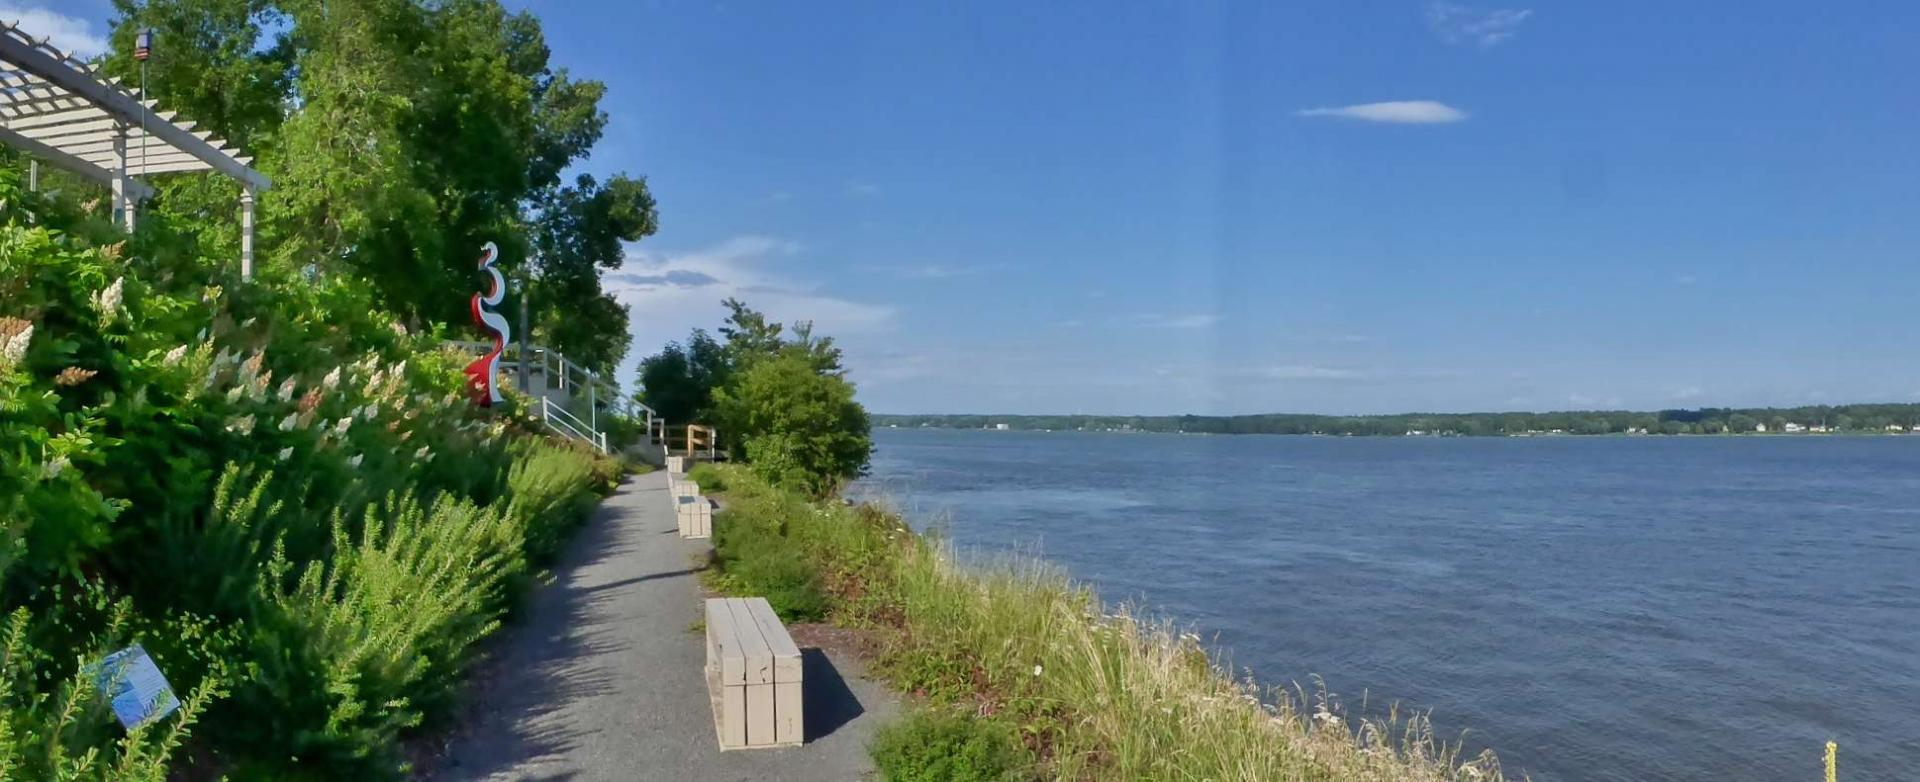 Promenade sur le fleuve à Lanoraie